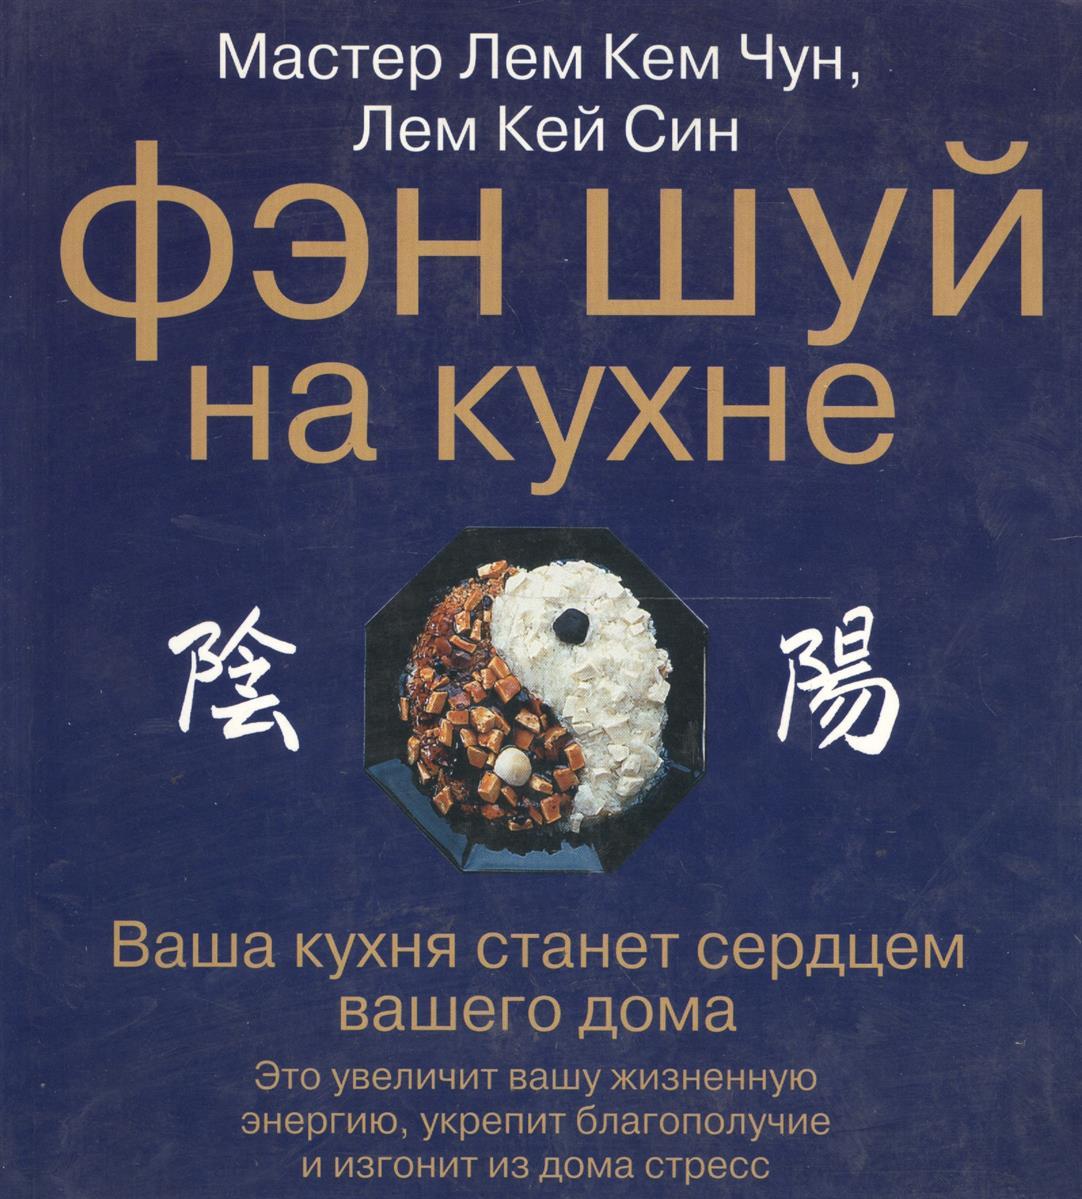 купить Лем Кем Чун, Лем Кей Син Фэн шуй на кухне по цене 196 рублей